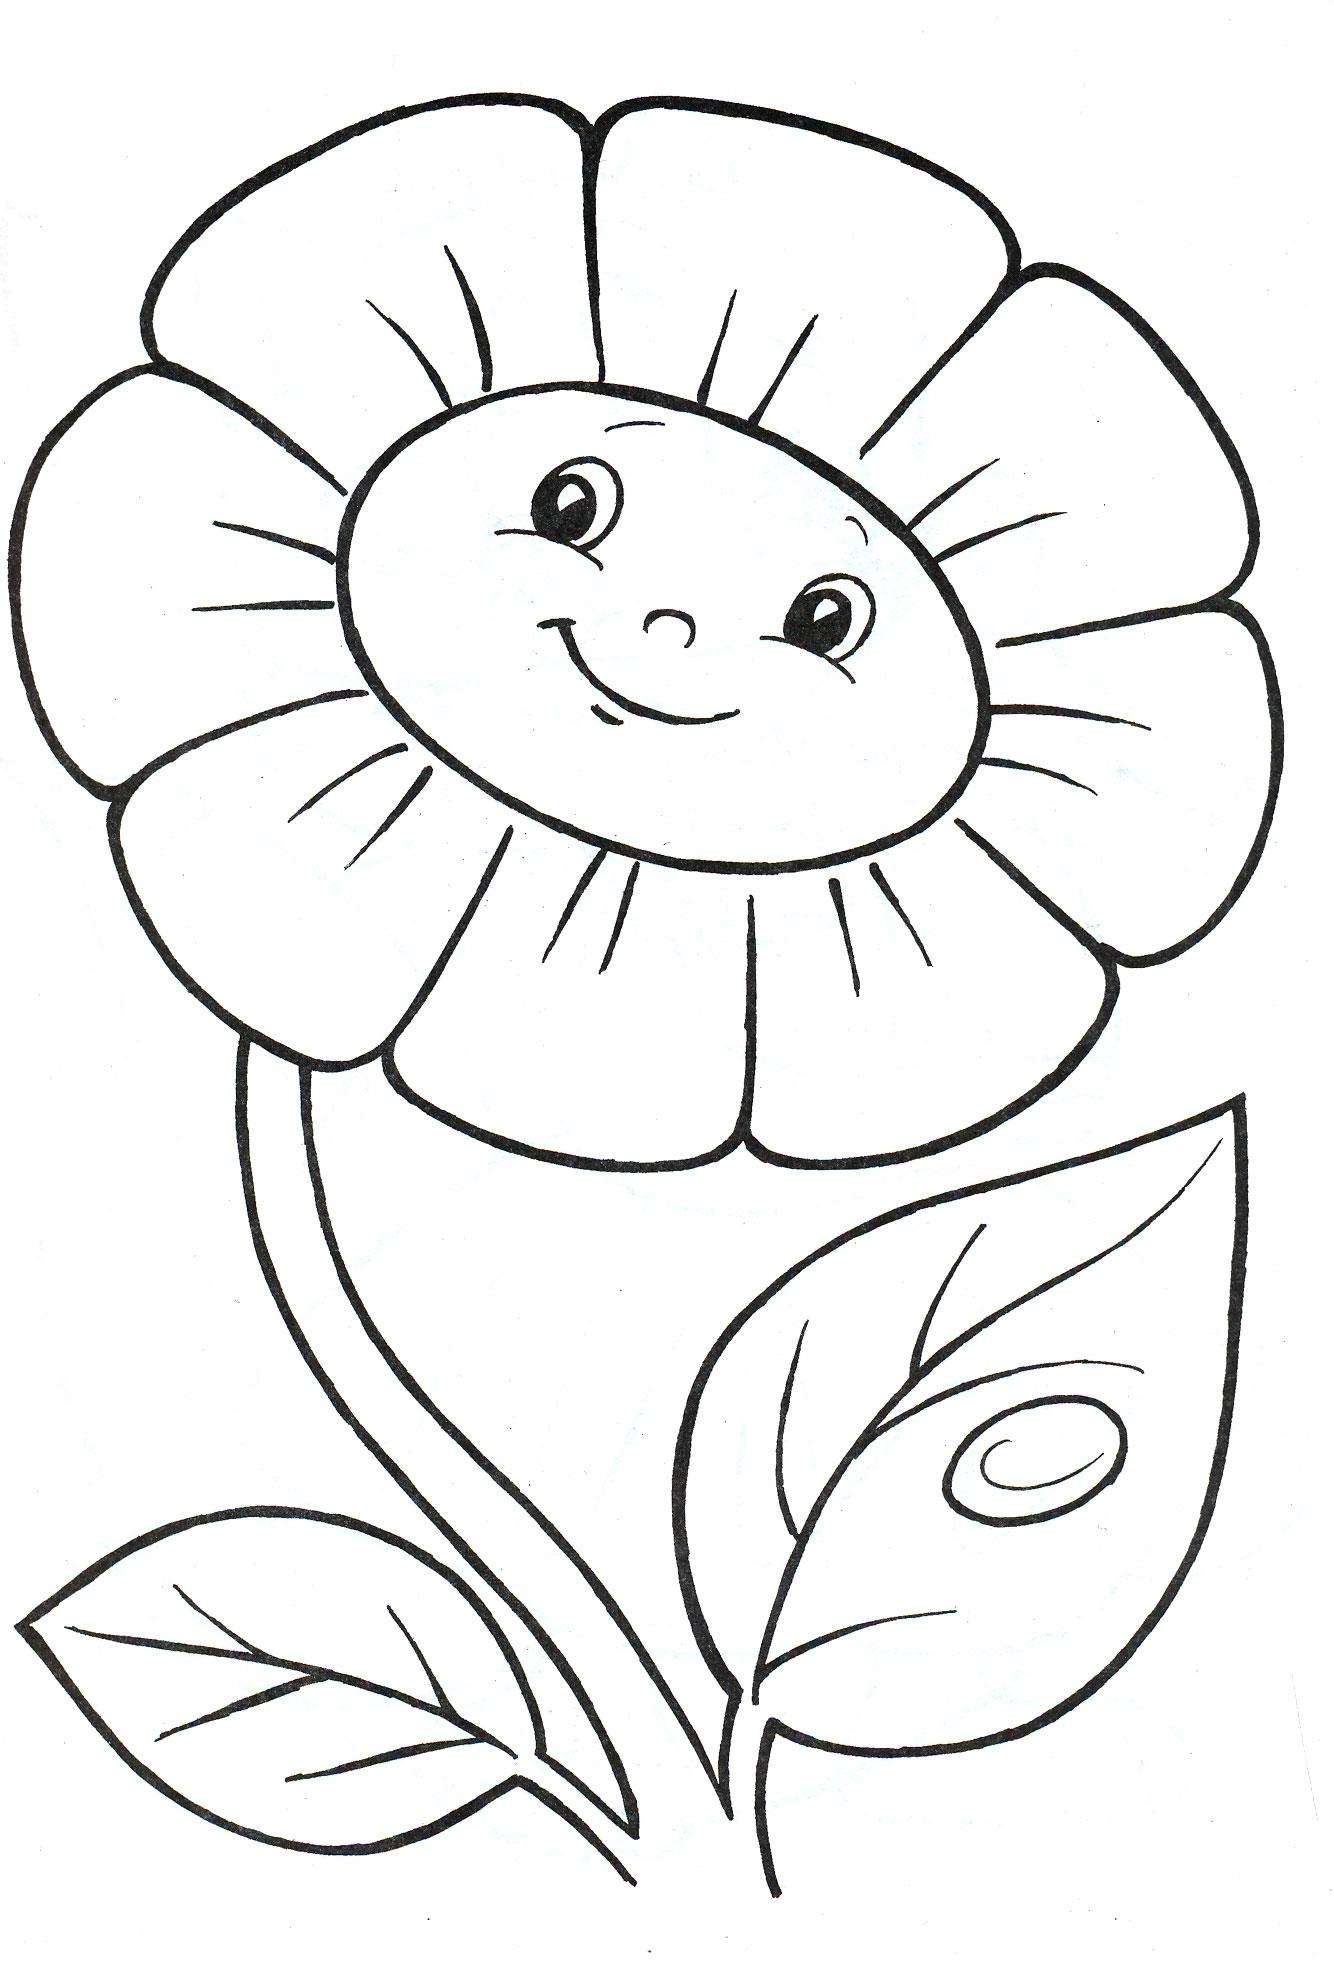 раскраски для детей 4 5 лет детские раскраски распечатать